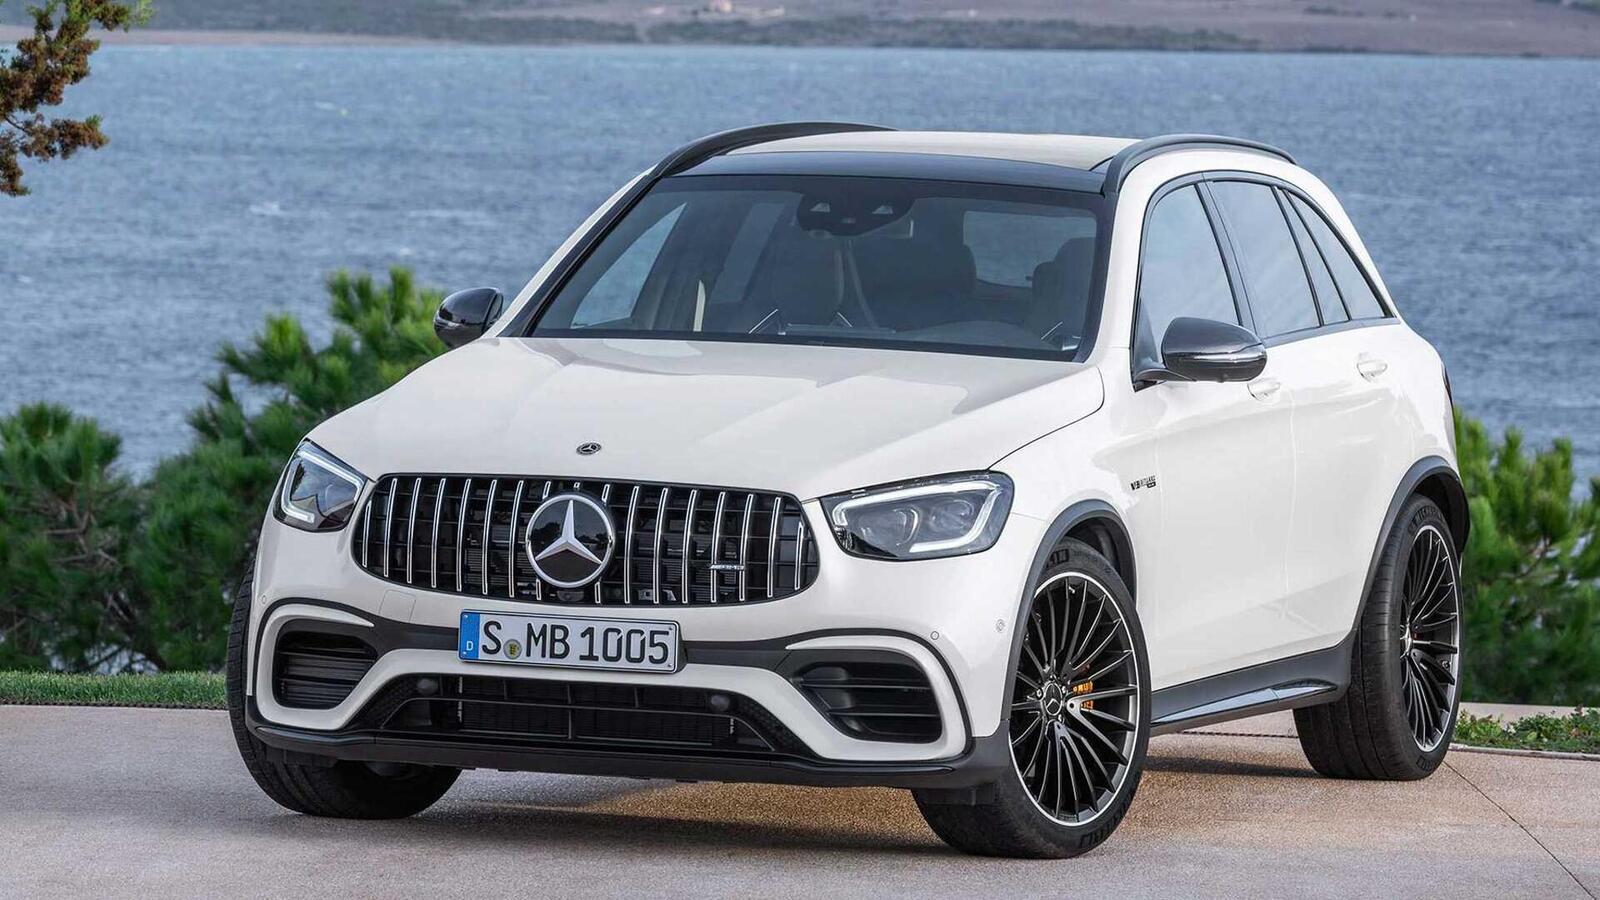 Mercedes-AMG giới thiệu GLC và GLC Coupe 63 mới lắp động cơ V8 4.0L Biturbo mạnh hơn 460 mã lực - Hình 9